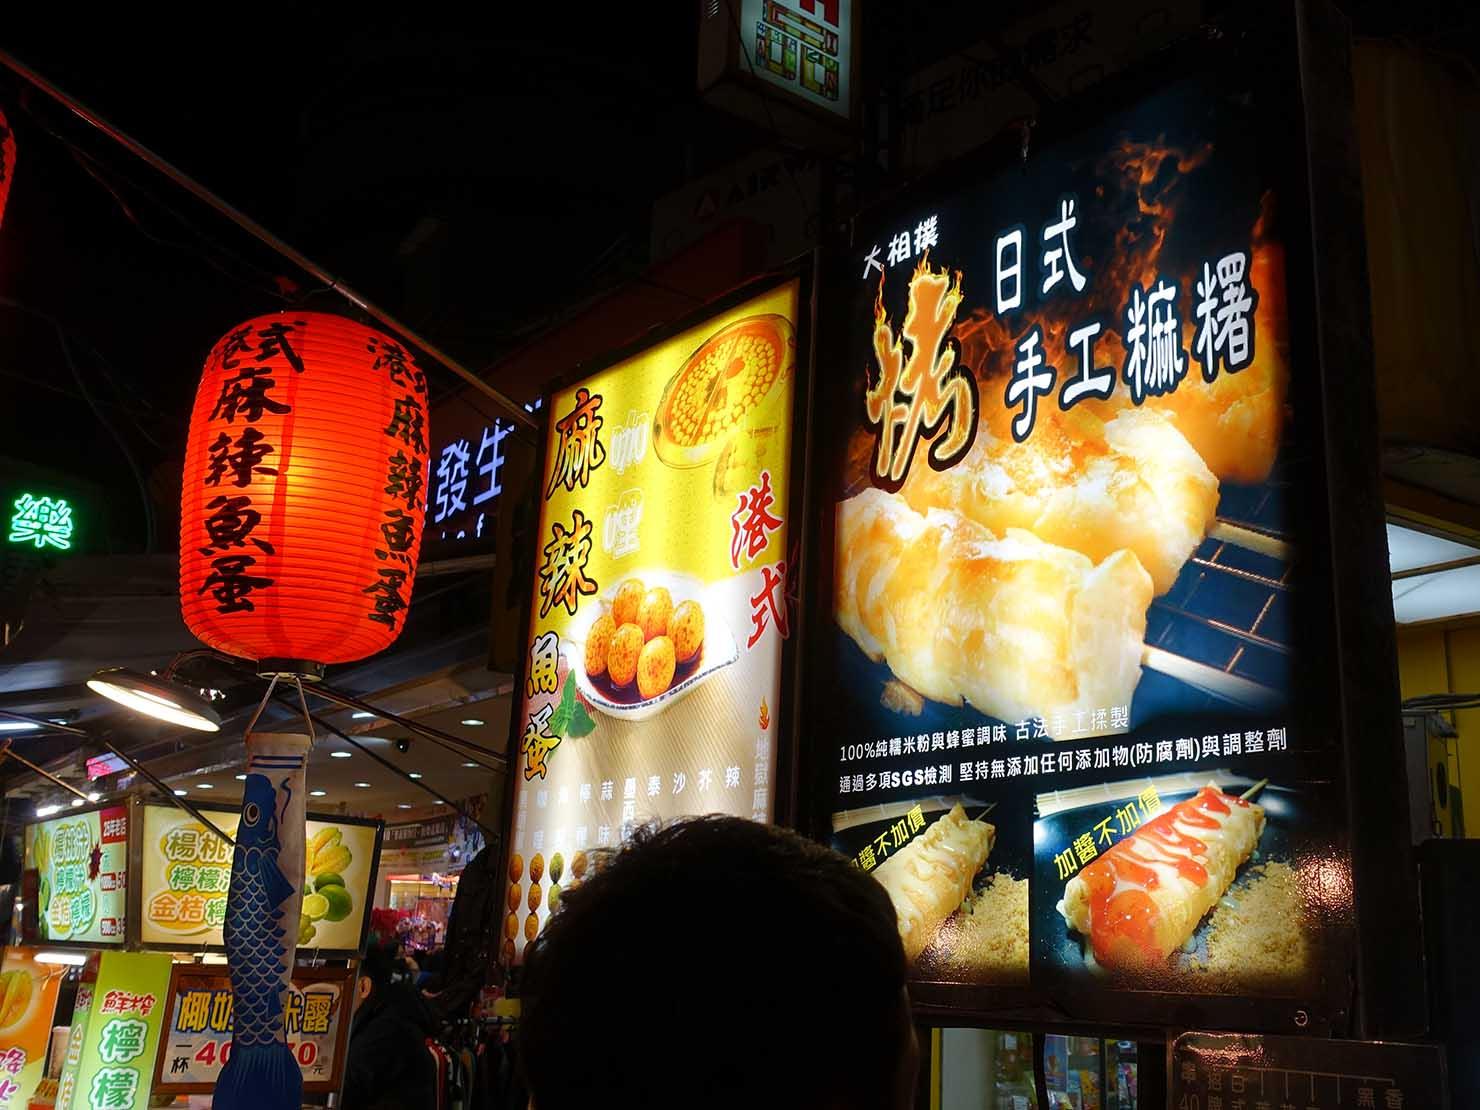 台湾の夜市で食べられる日本グルメ「烤麻薯(焼きもち)」の屋台